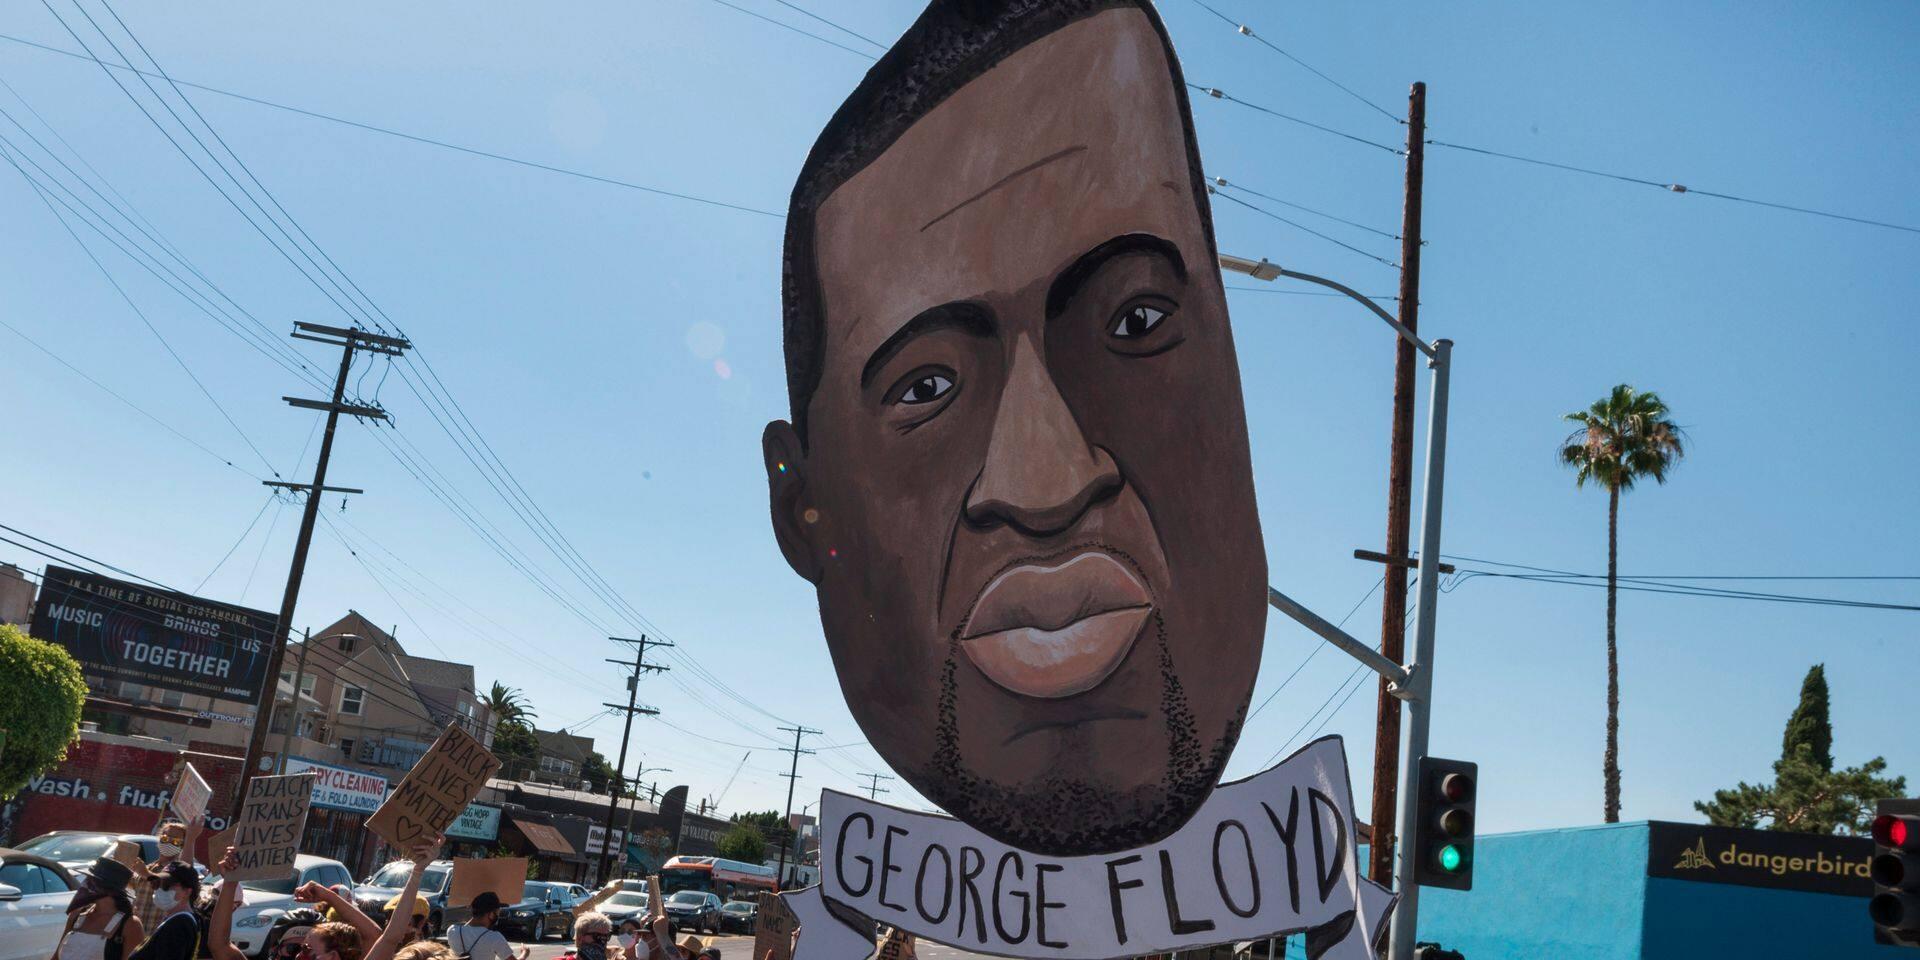 Ces musiques qui rythment les manifestations anti-racisme aux Etats-Unis